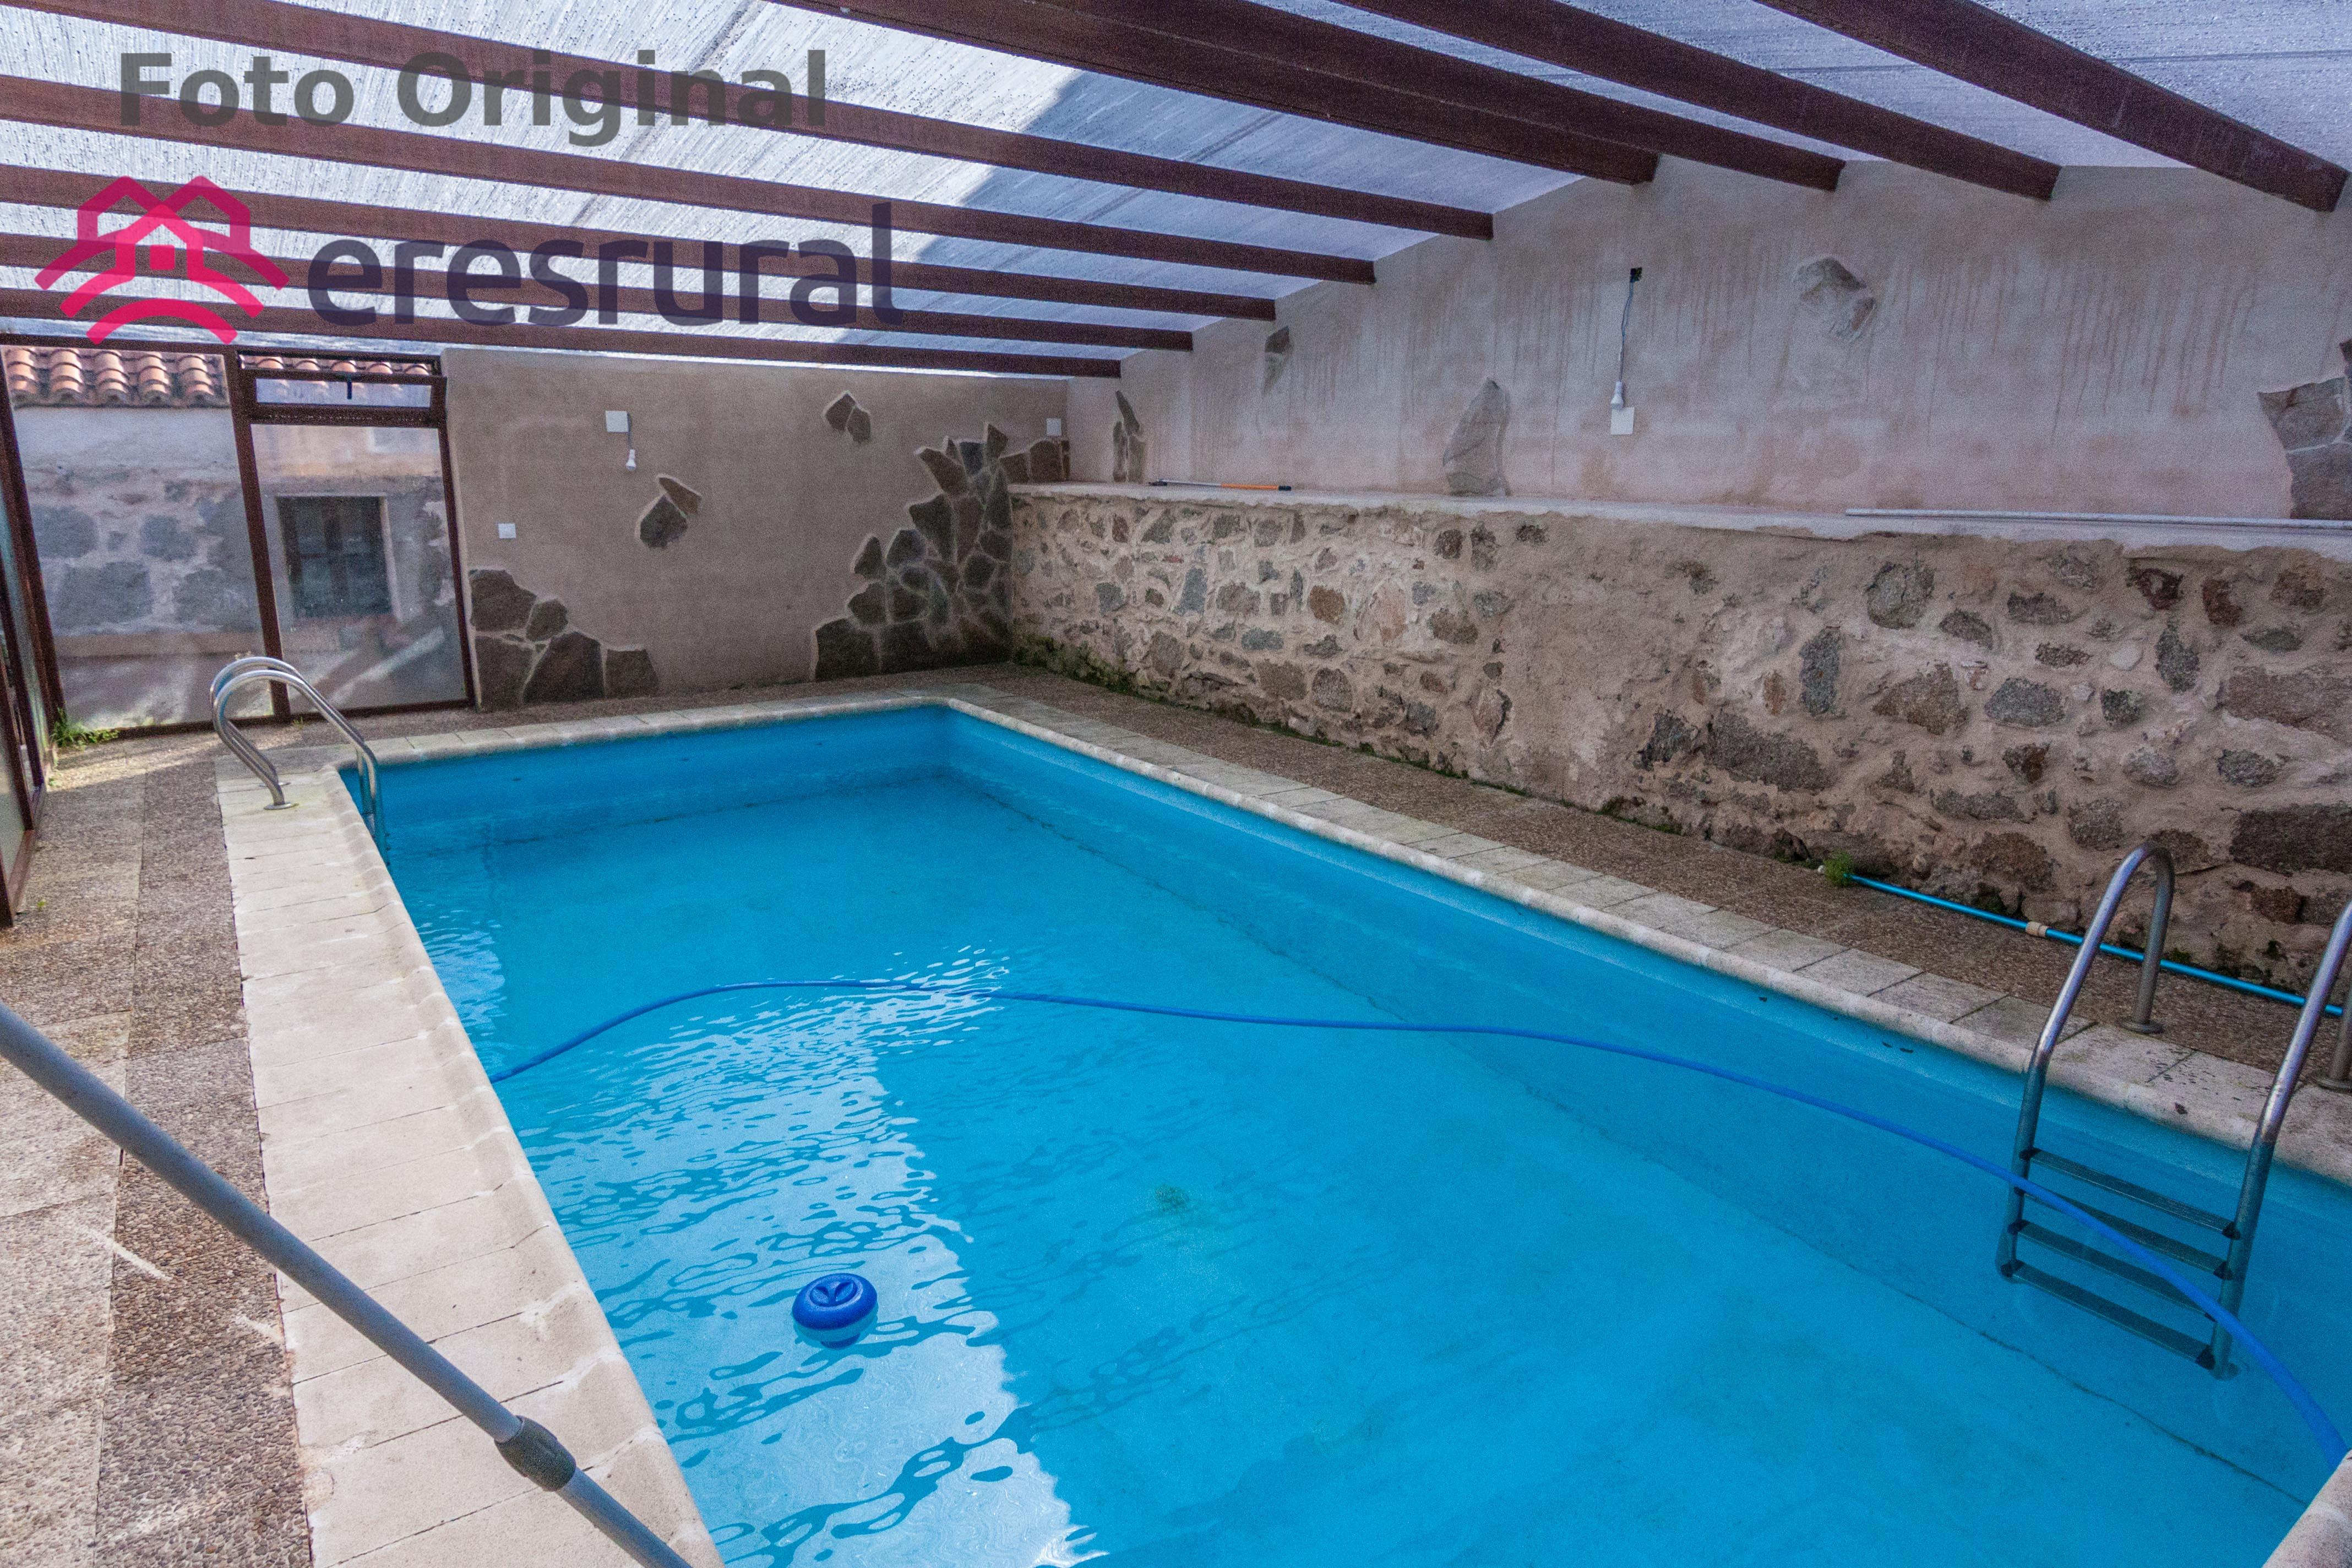 R stica casa rural que cuenta con un porche con barbacoa y for Barbacoa y piscina madrid